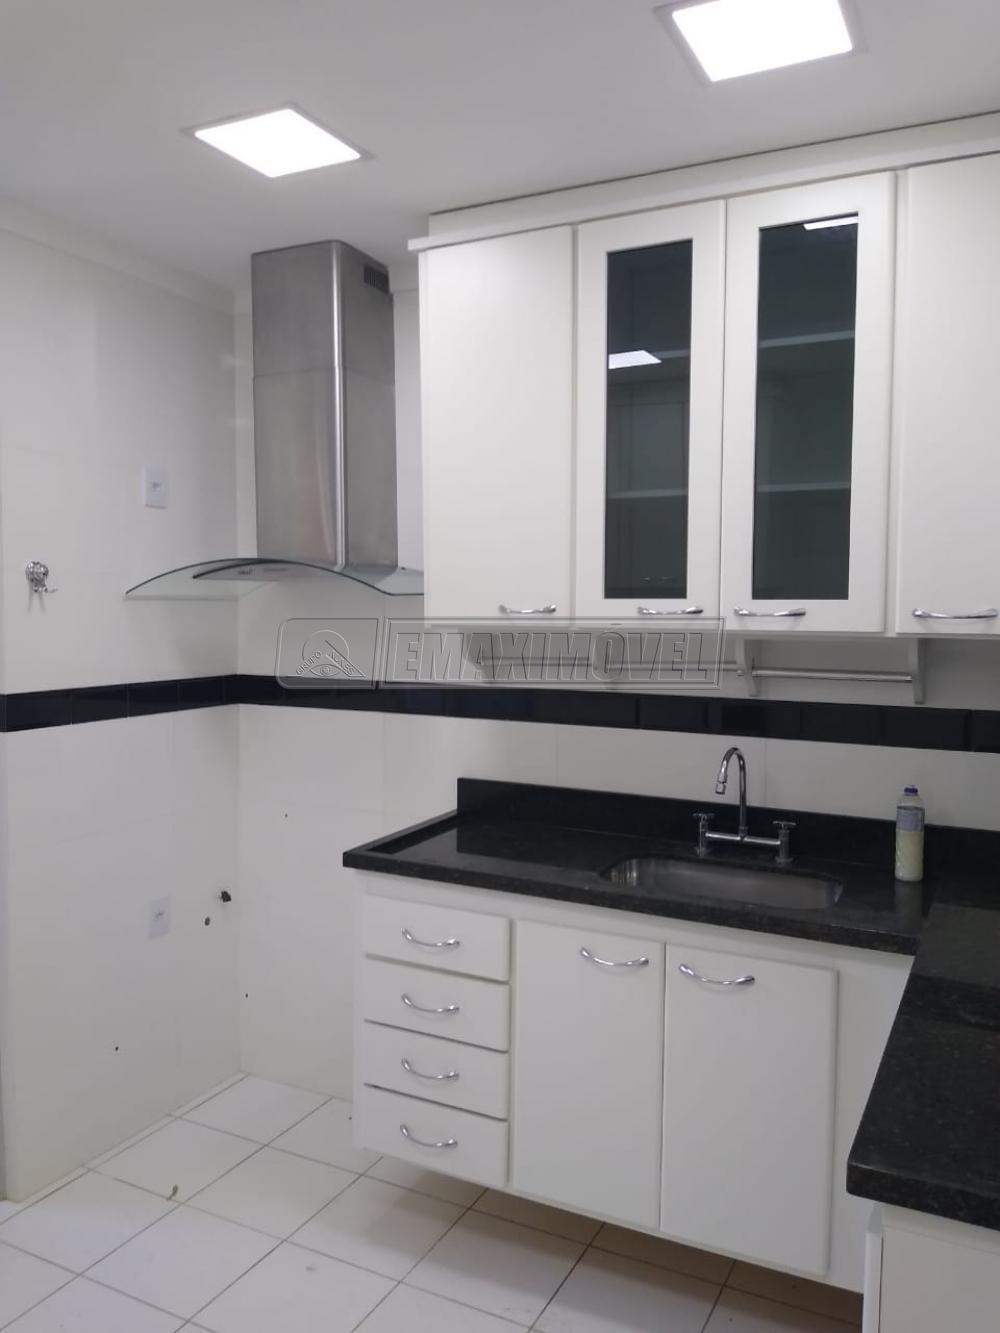 Comprar Apartamento / Padrão em Sorocaba R$ 1.166.000,00 - Foto 30